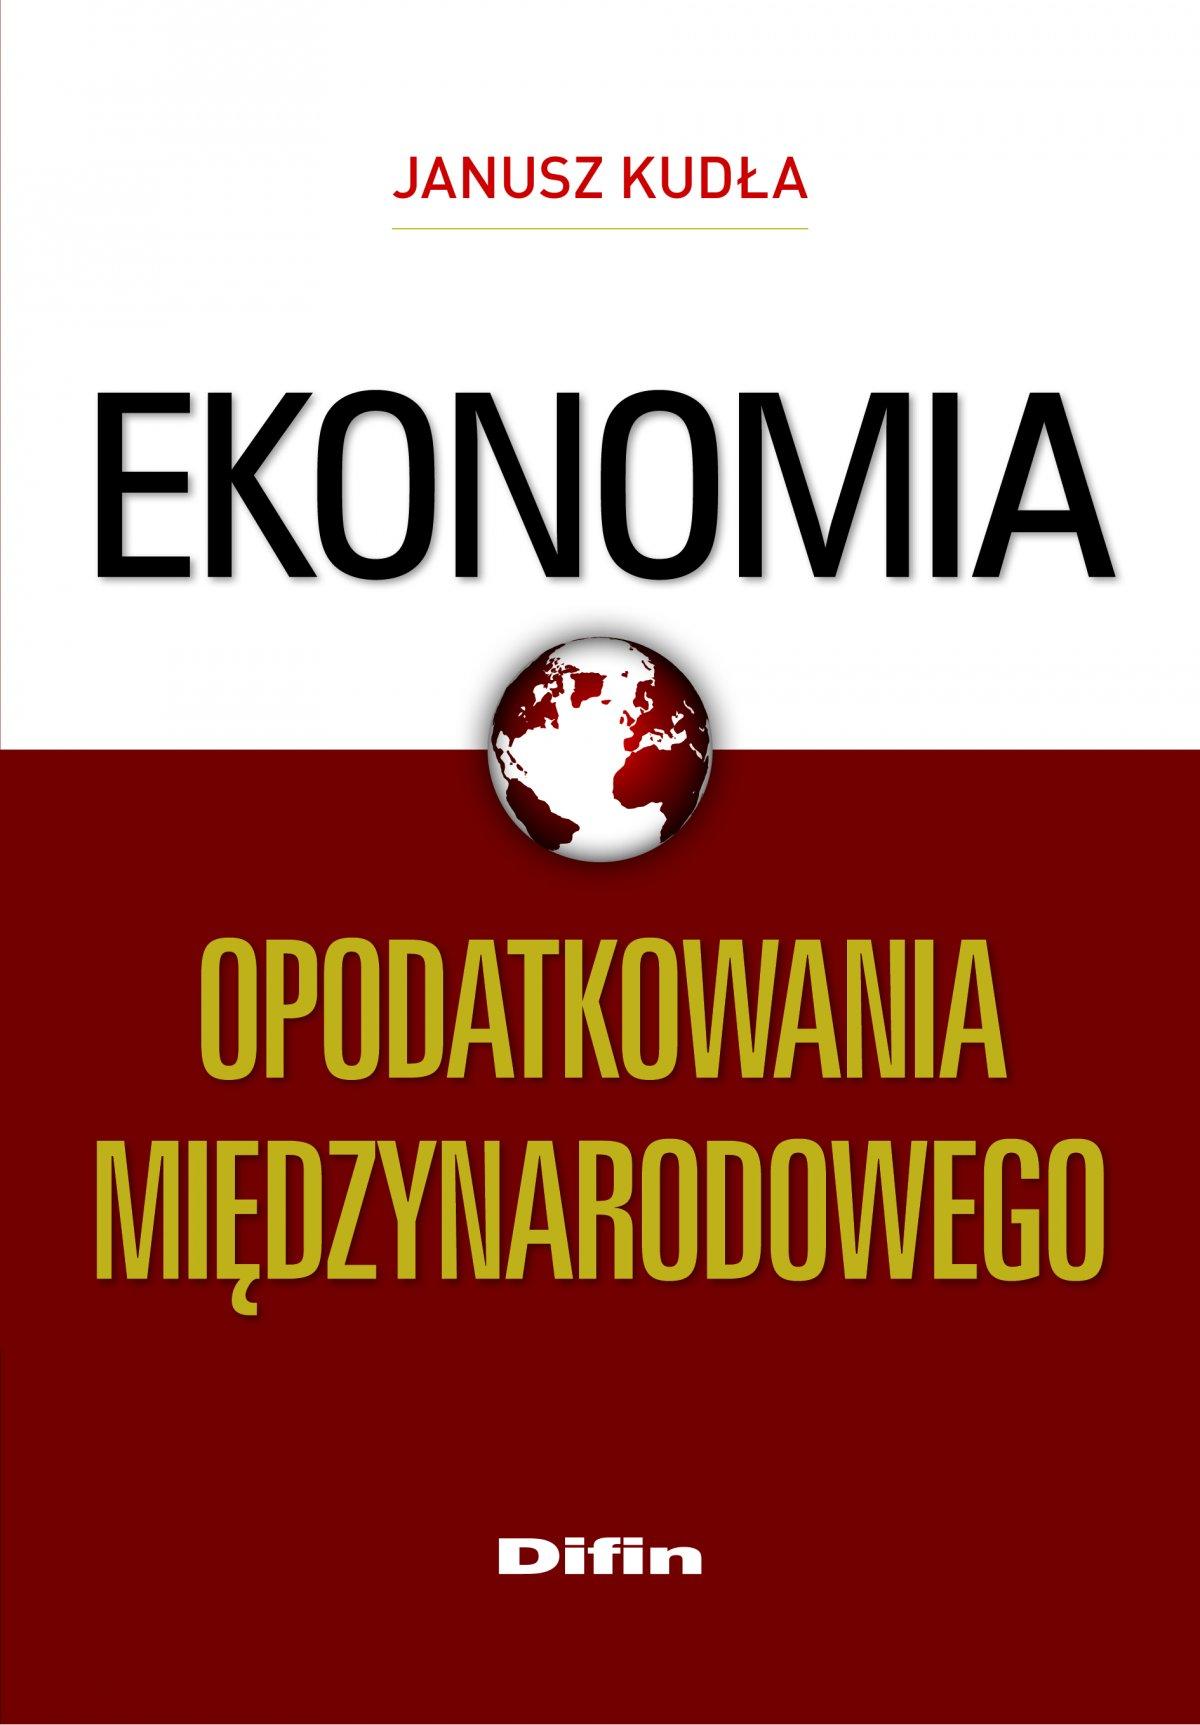 Ekonomia opodatkowania międzynarodowego - Ebook (Książka EPUB) do pobrania w formacie EPUB